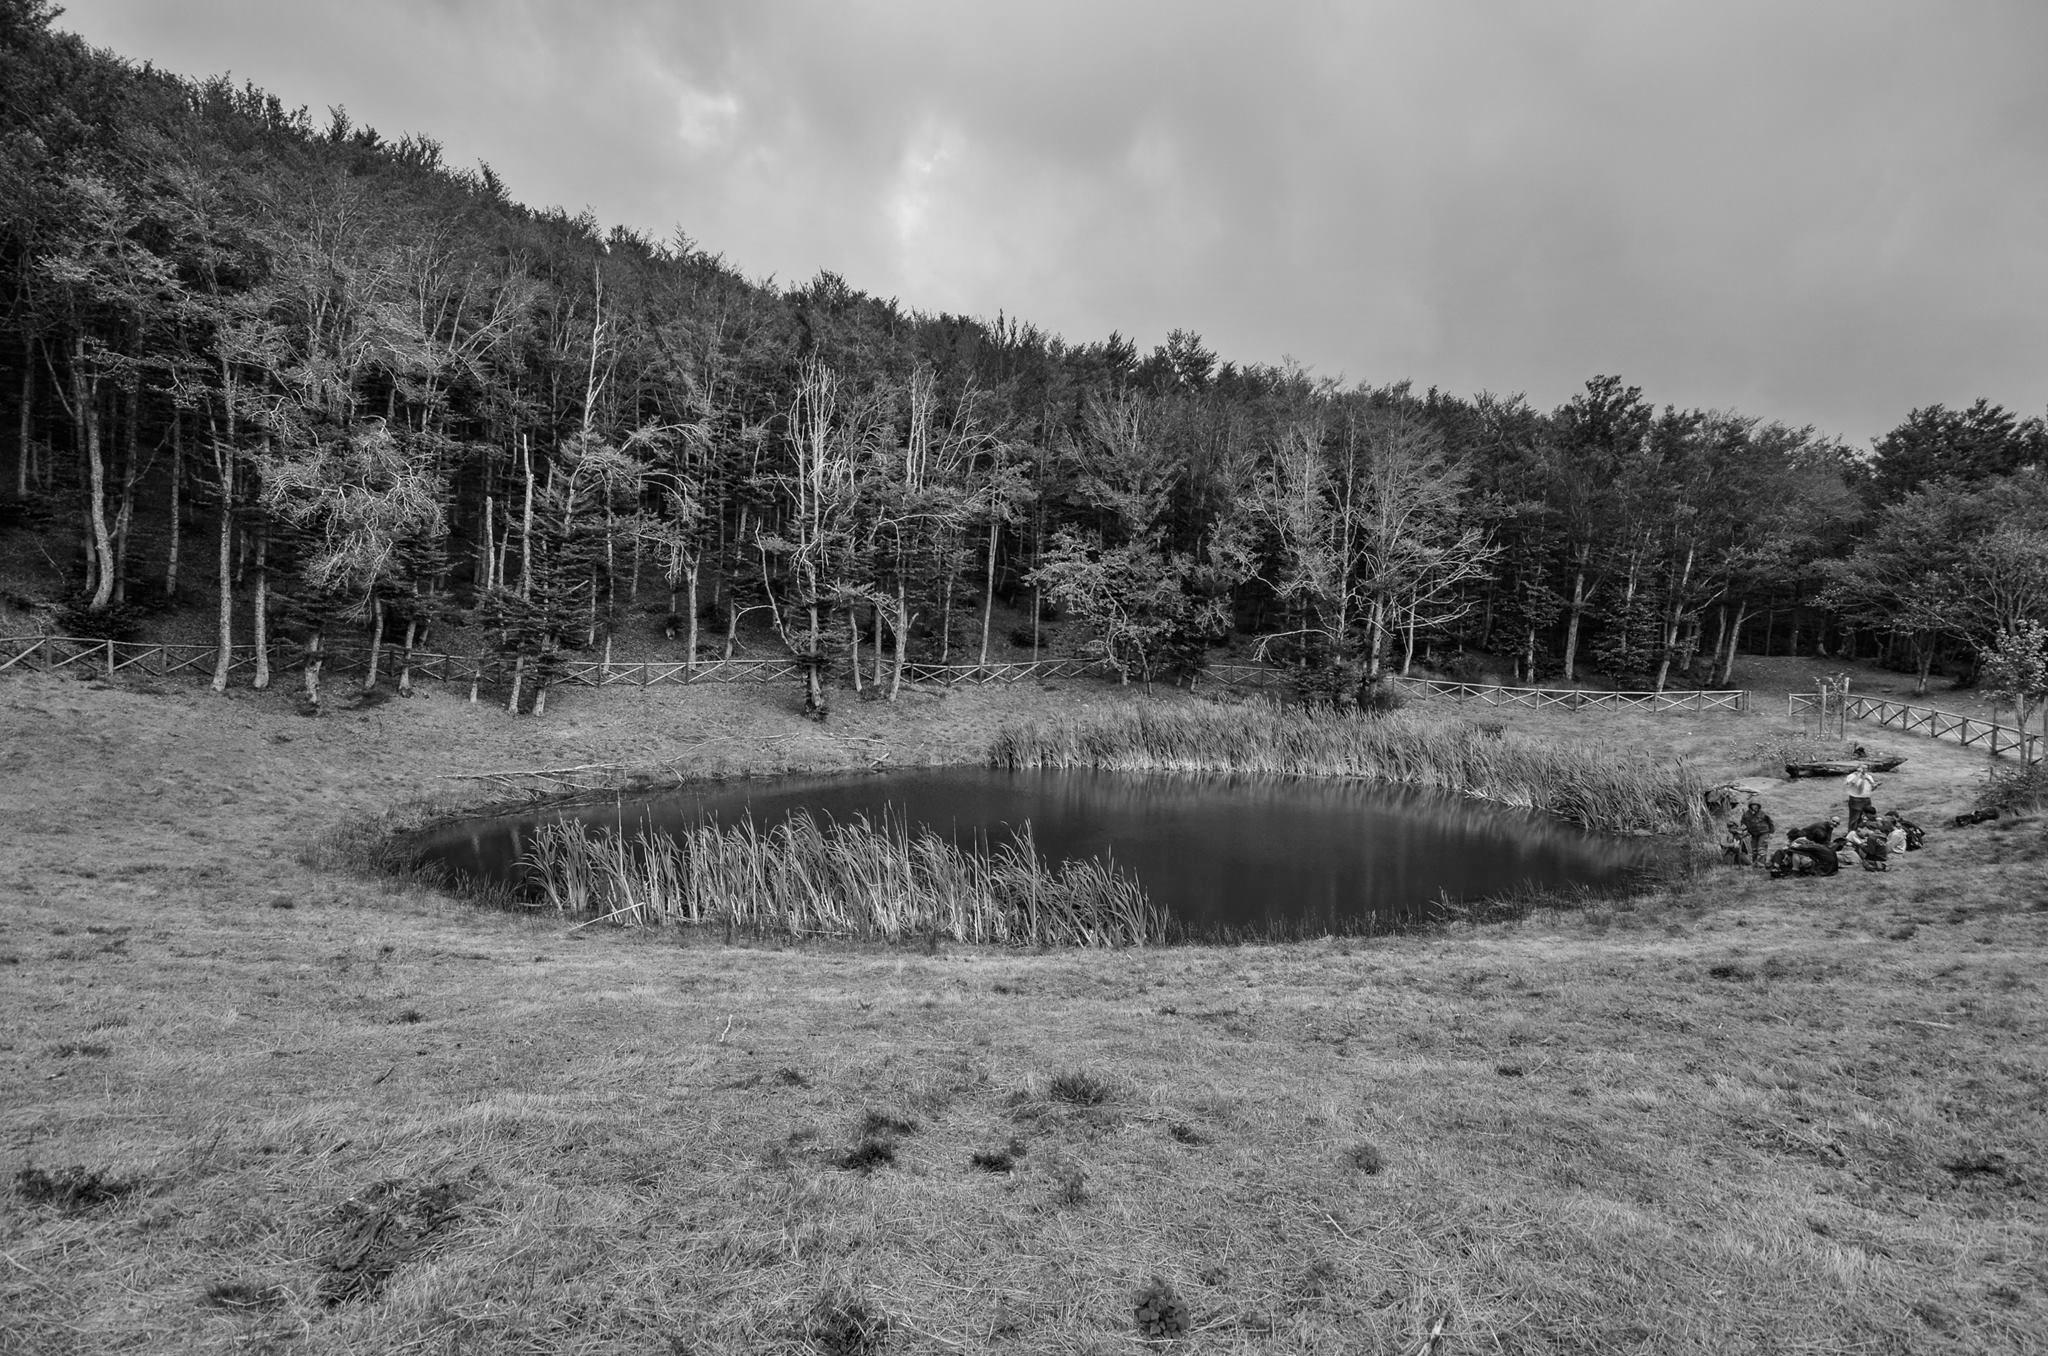 II° Escursione Storica: Gli Etruschi e le acque magiche del Falterona